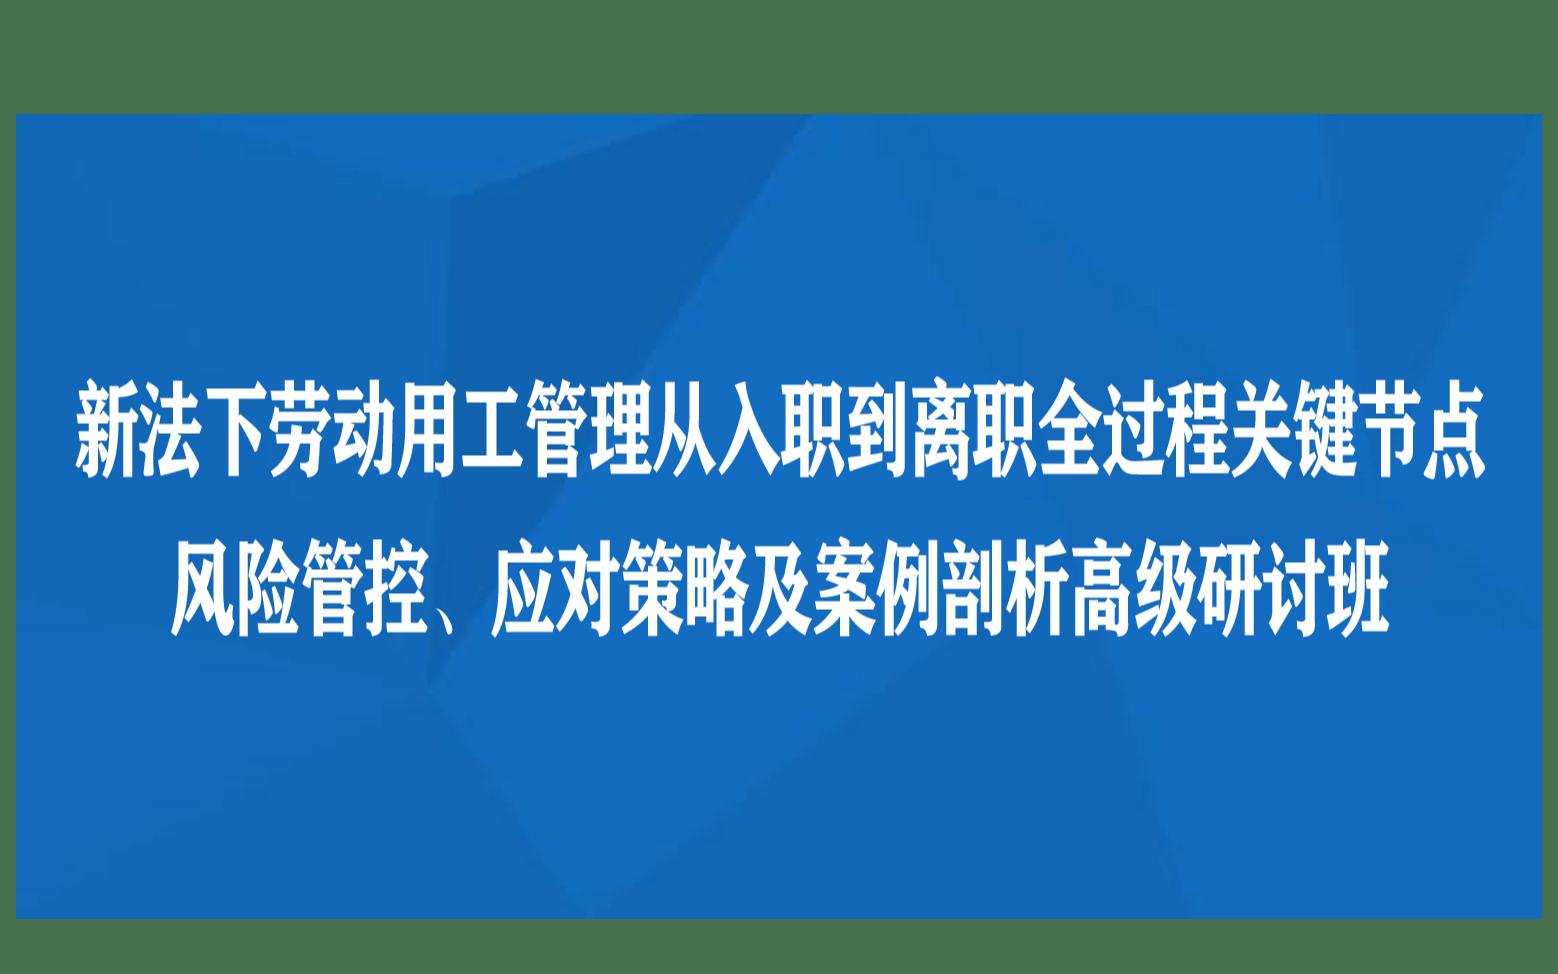 西安课程:新法下劳动用工管理从入职到离职全过程关键节点风险管控、应对策略及案例剖析高级研讨班